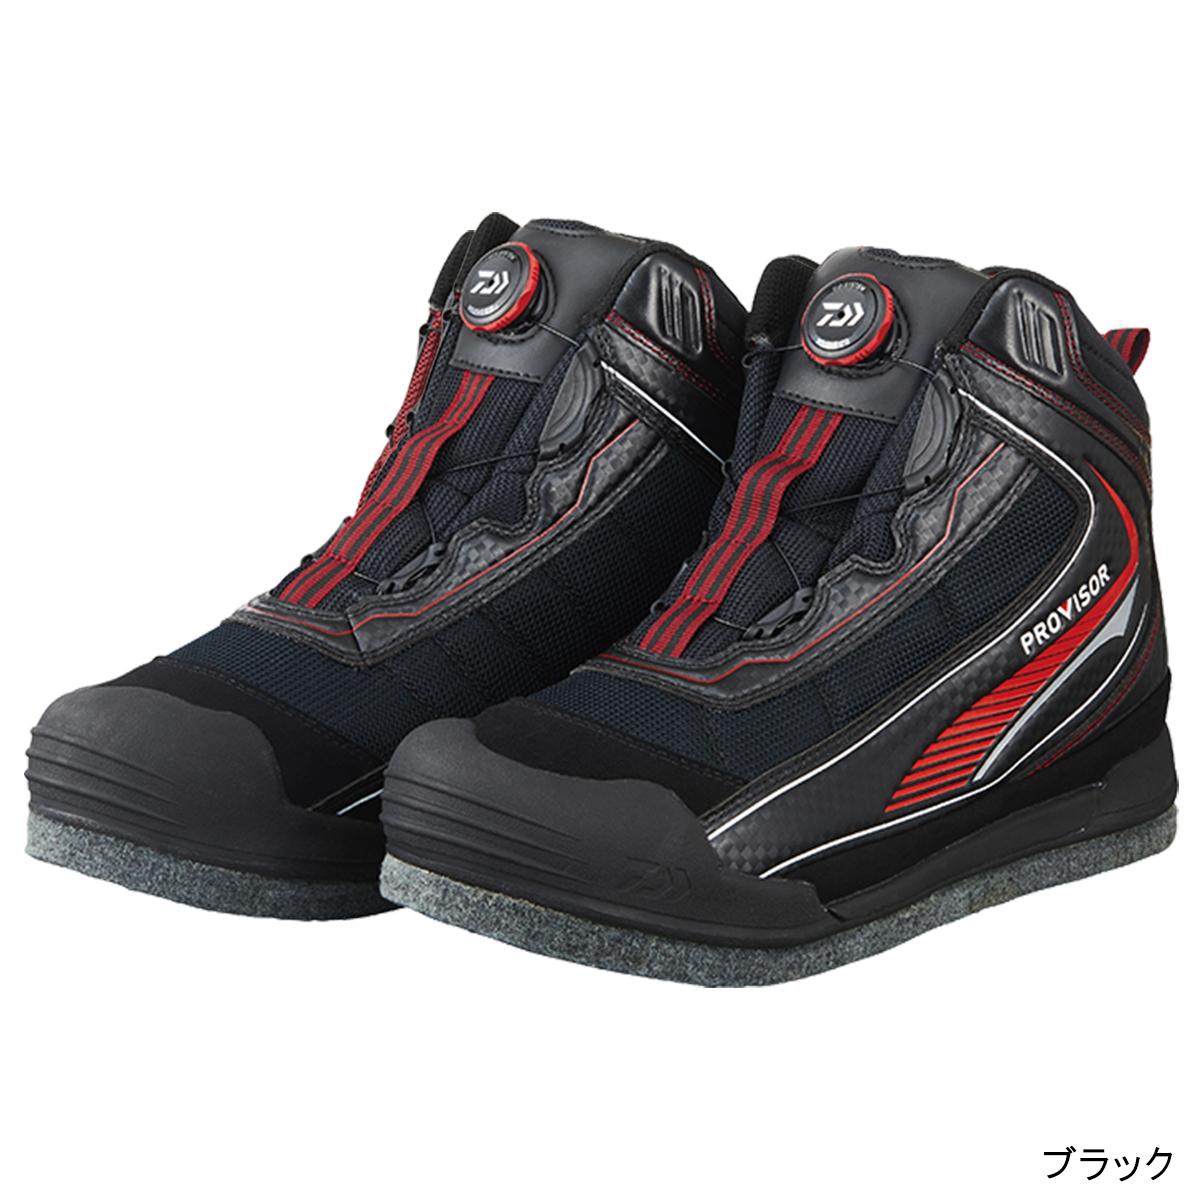 ダイワ プロバイザー フィッシングシューズ PV-2650 26.0cm ブラック(東日本店)